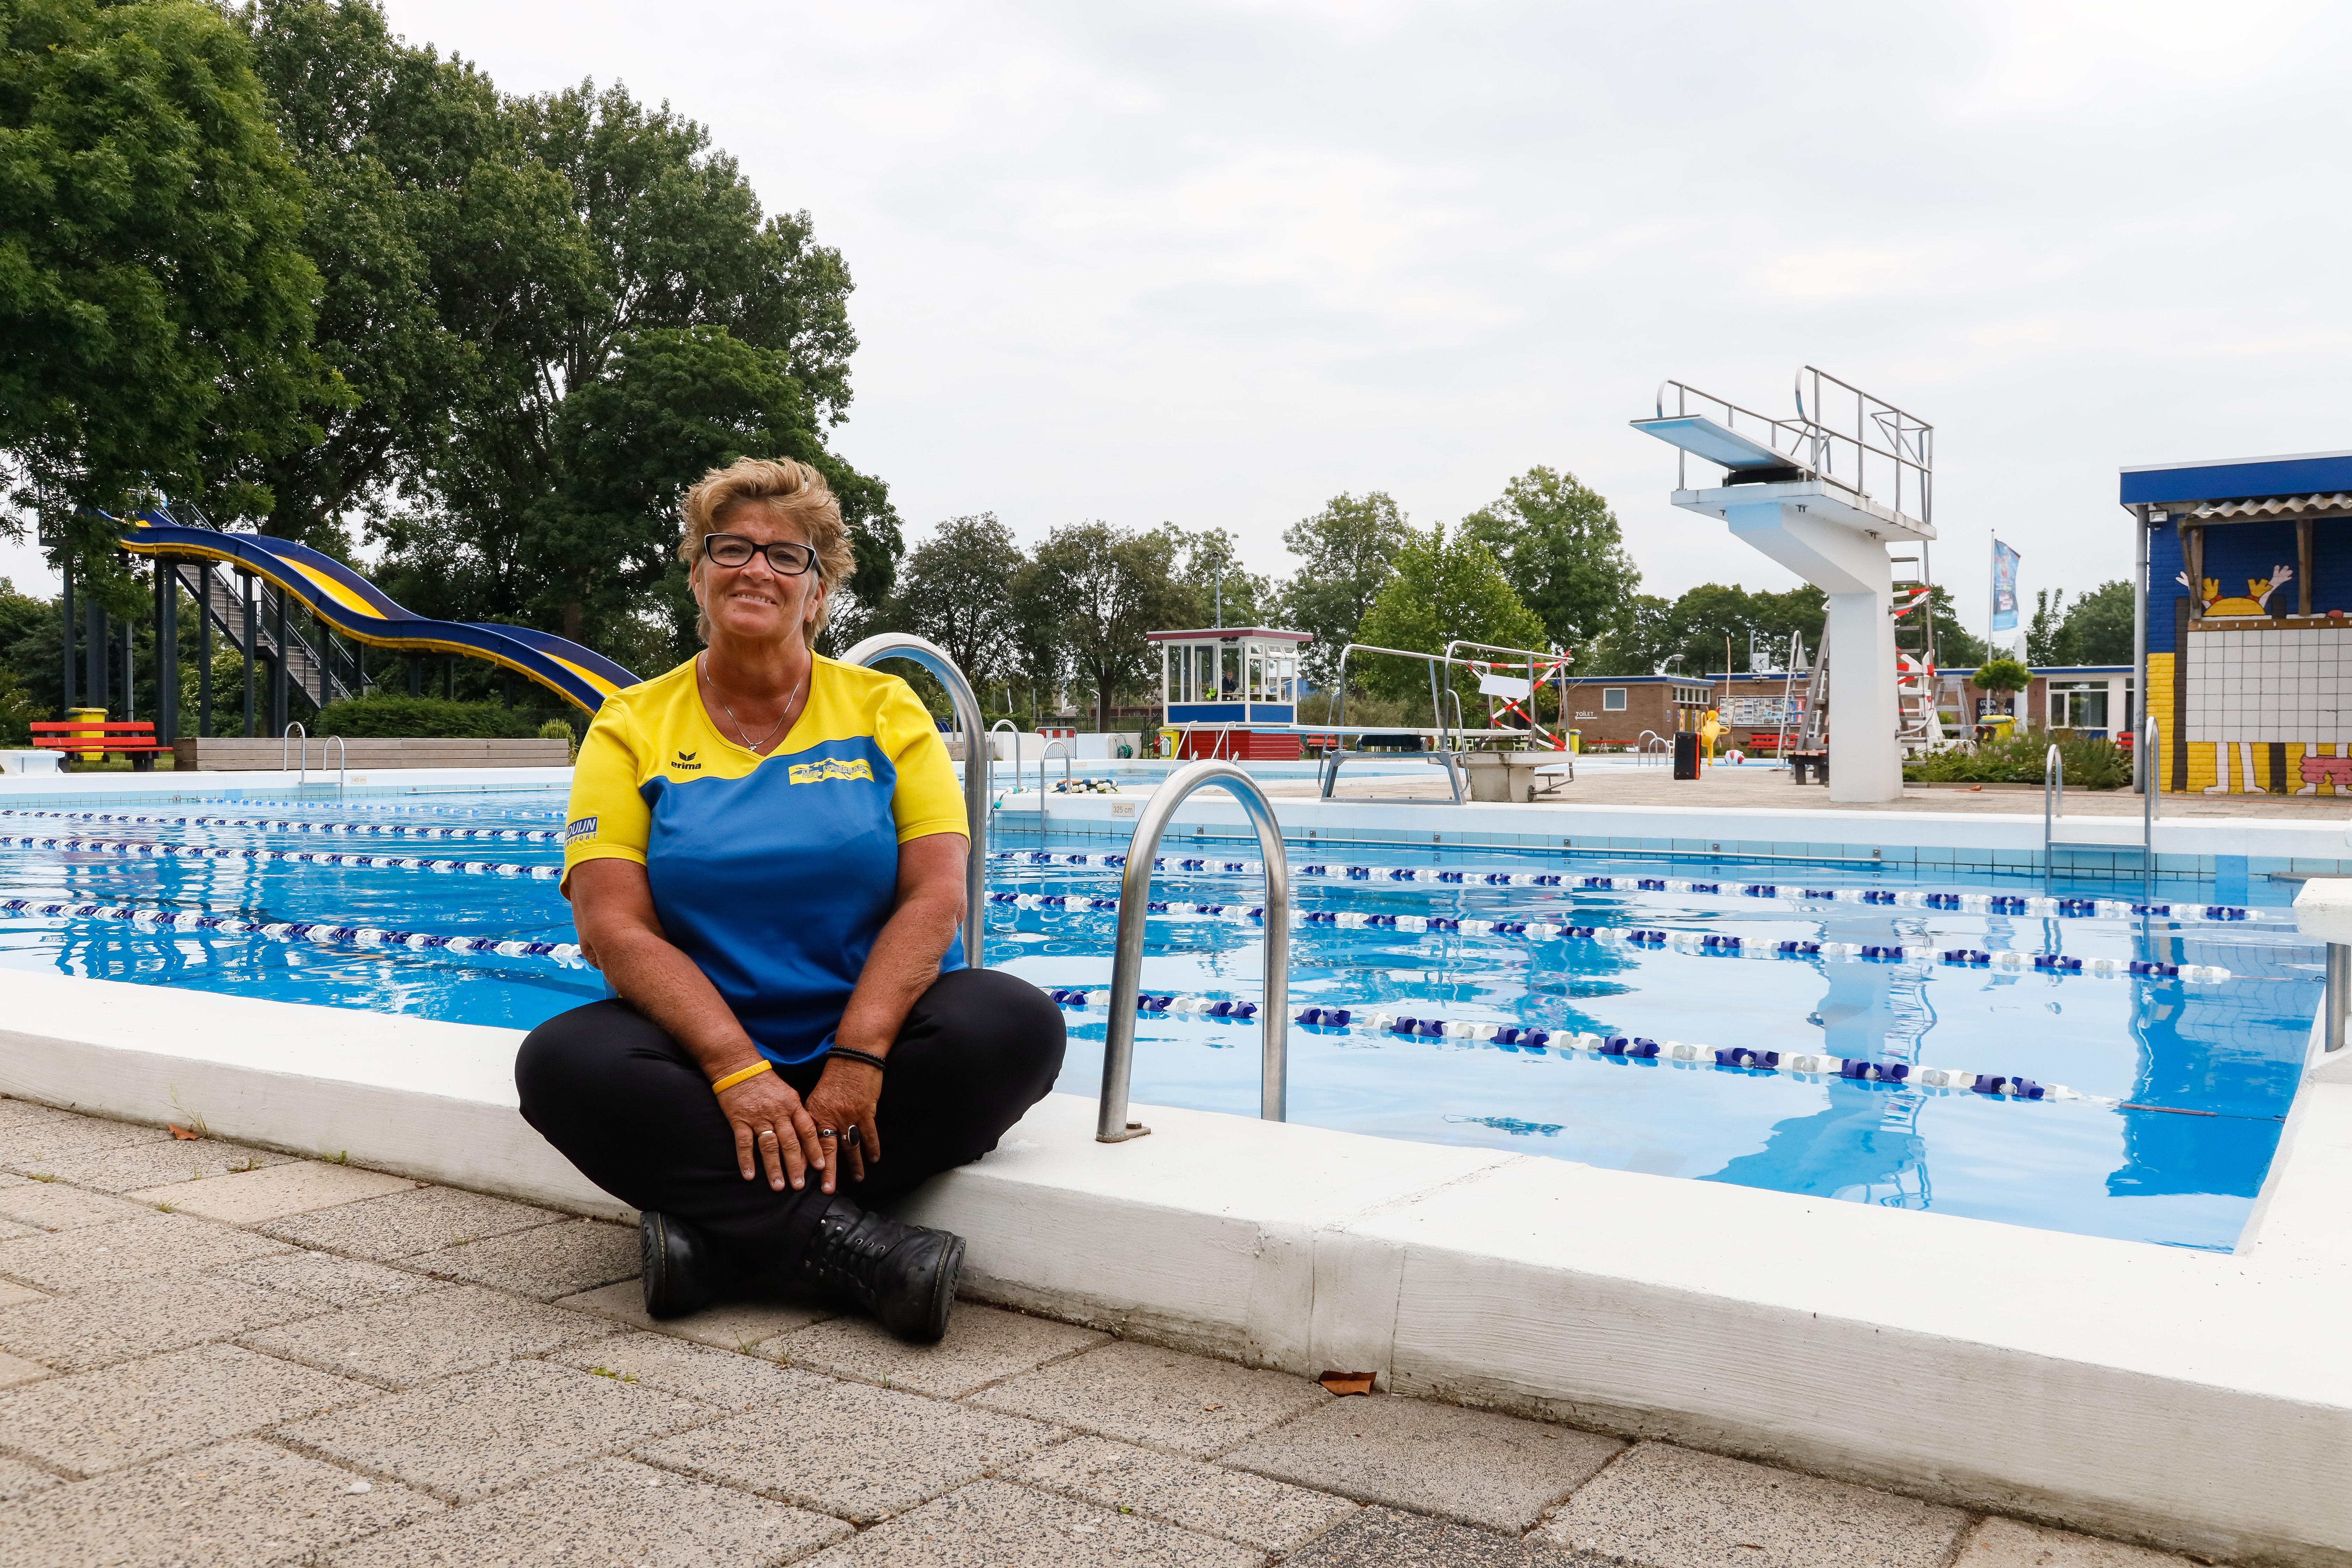 Bijna 100.000 euro voor afdekzeil zwembad Hoogkarspel